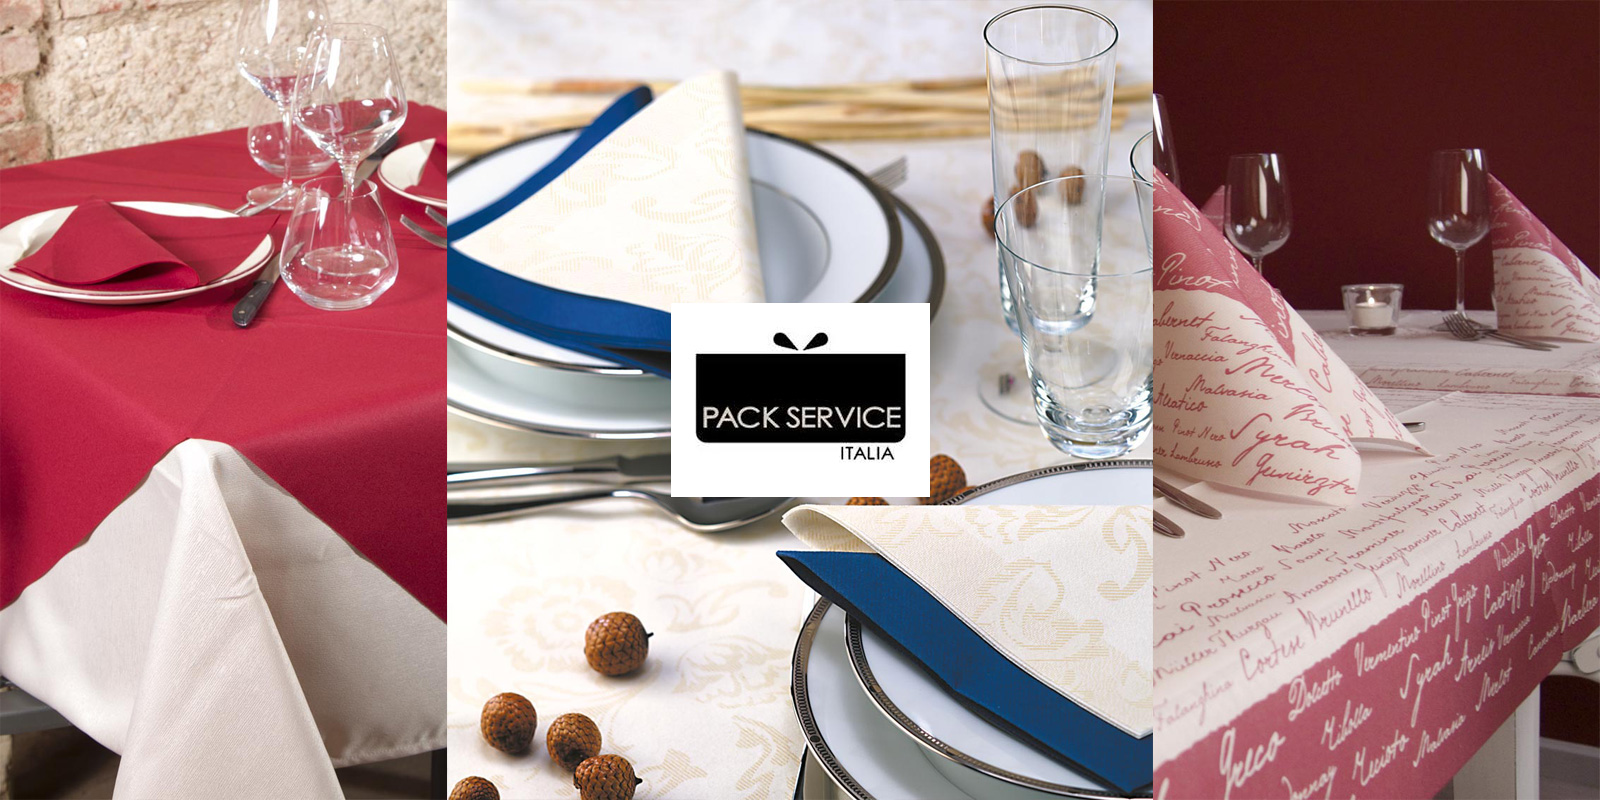 Fotogaléria Pack Service